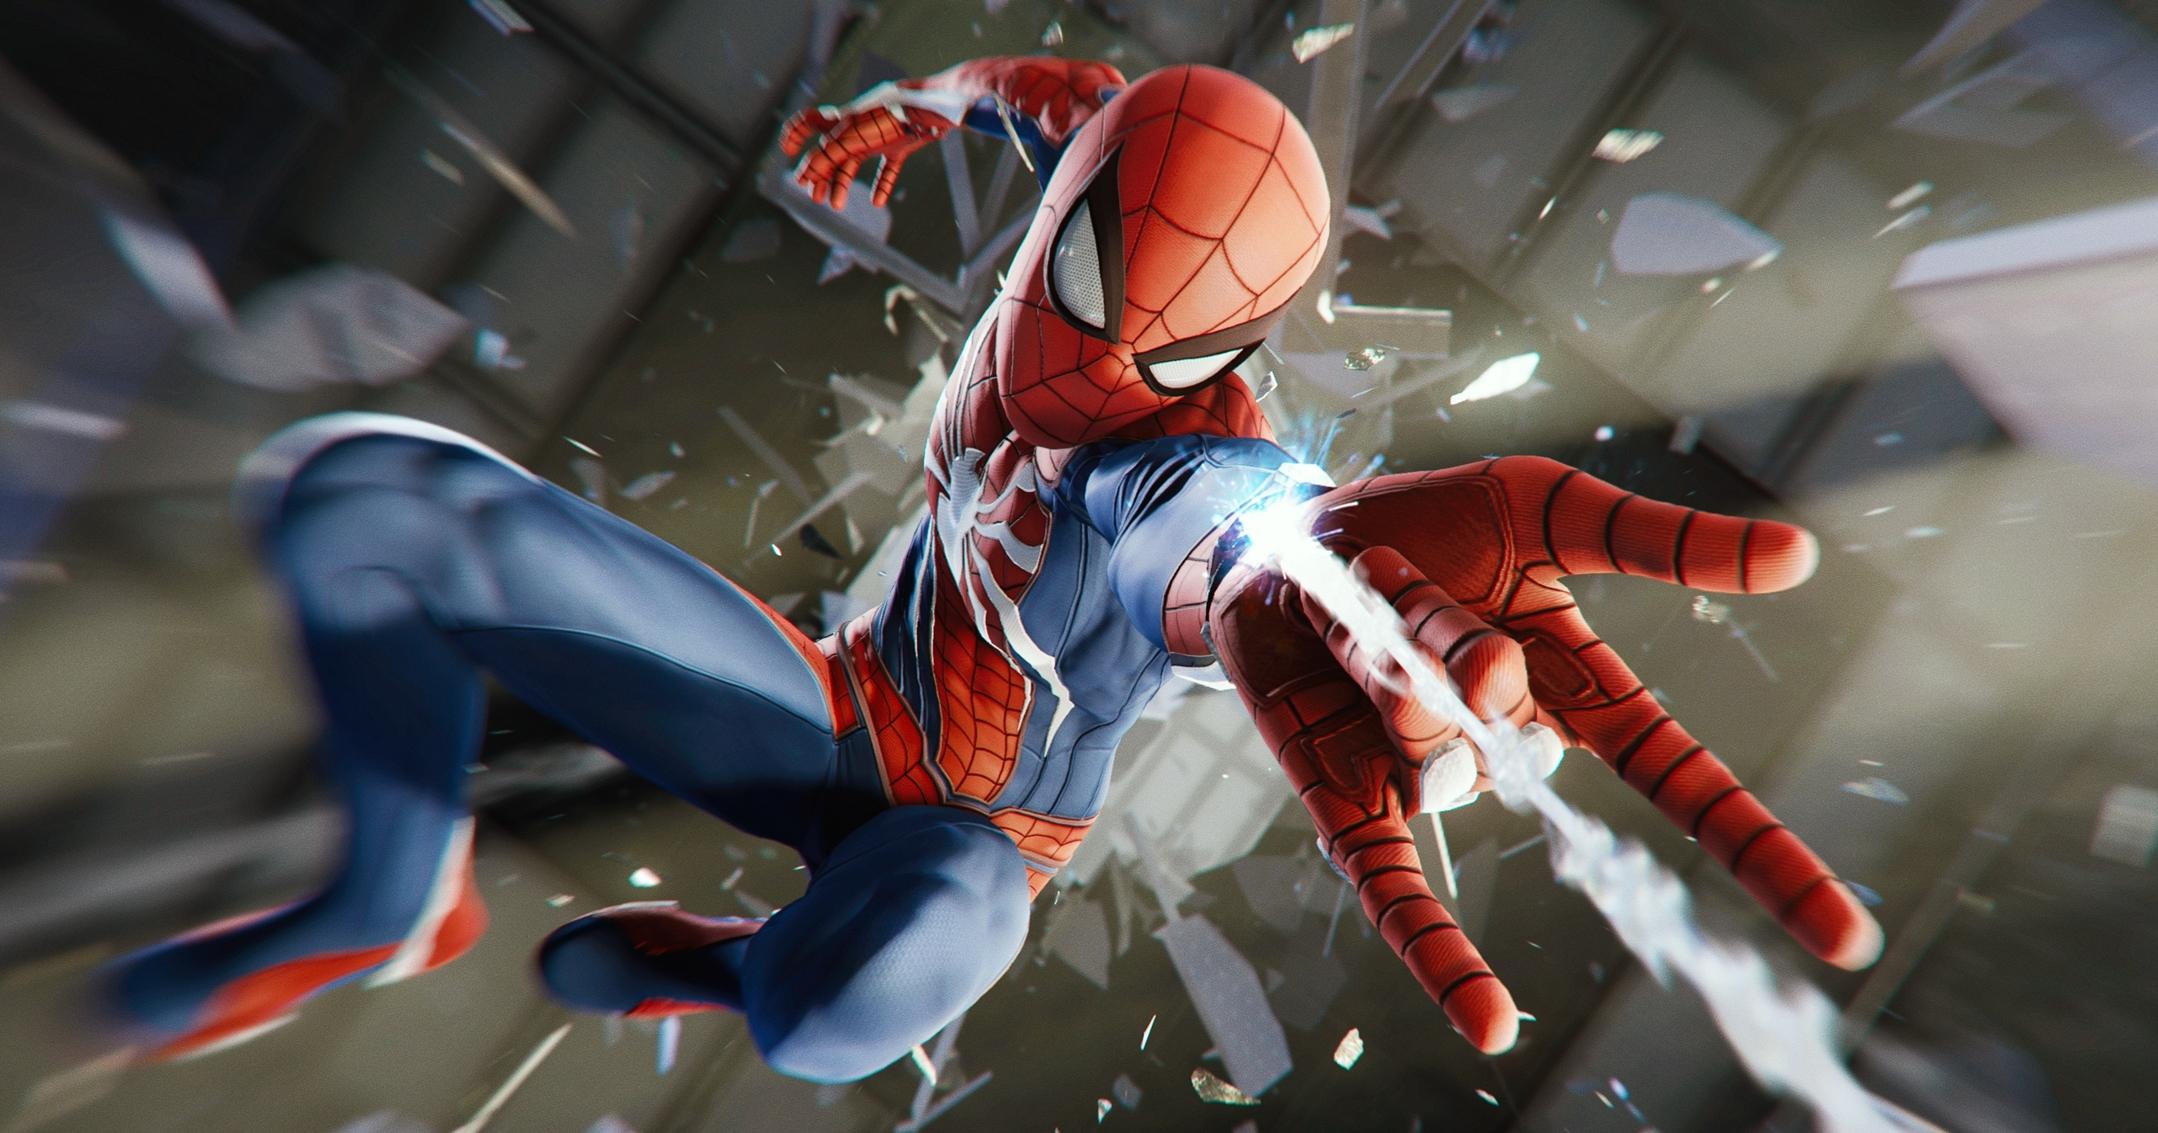 spider-man-211231.jpg